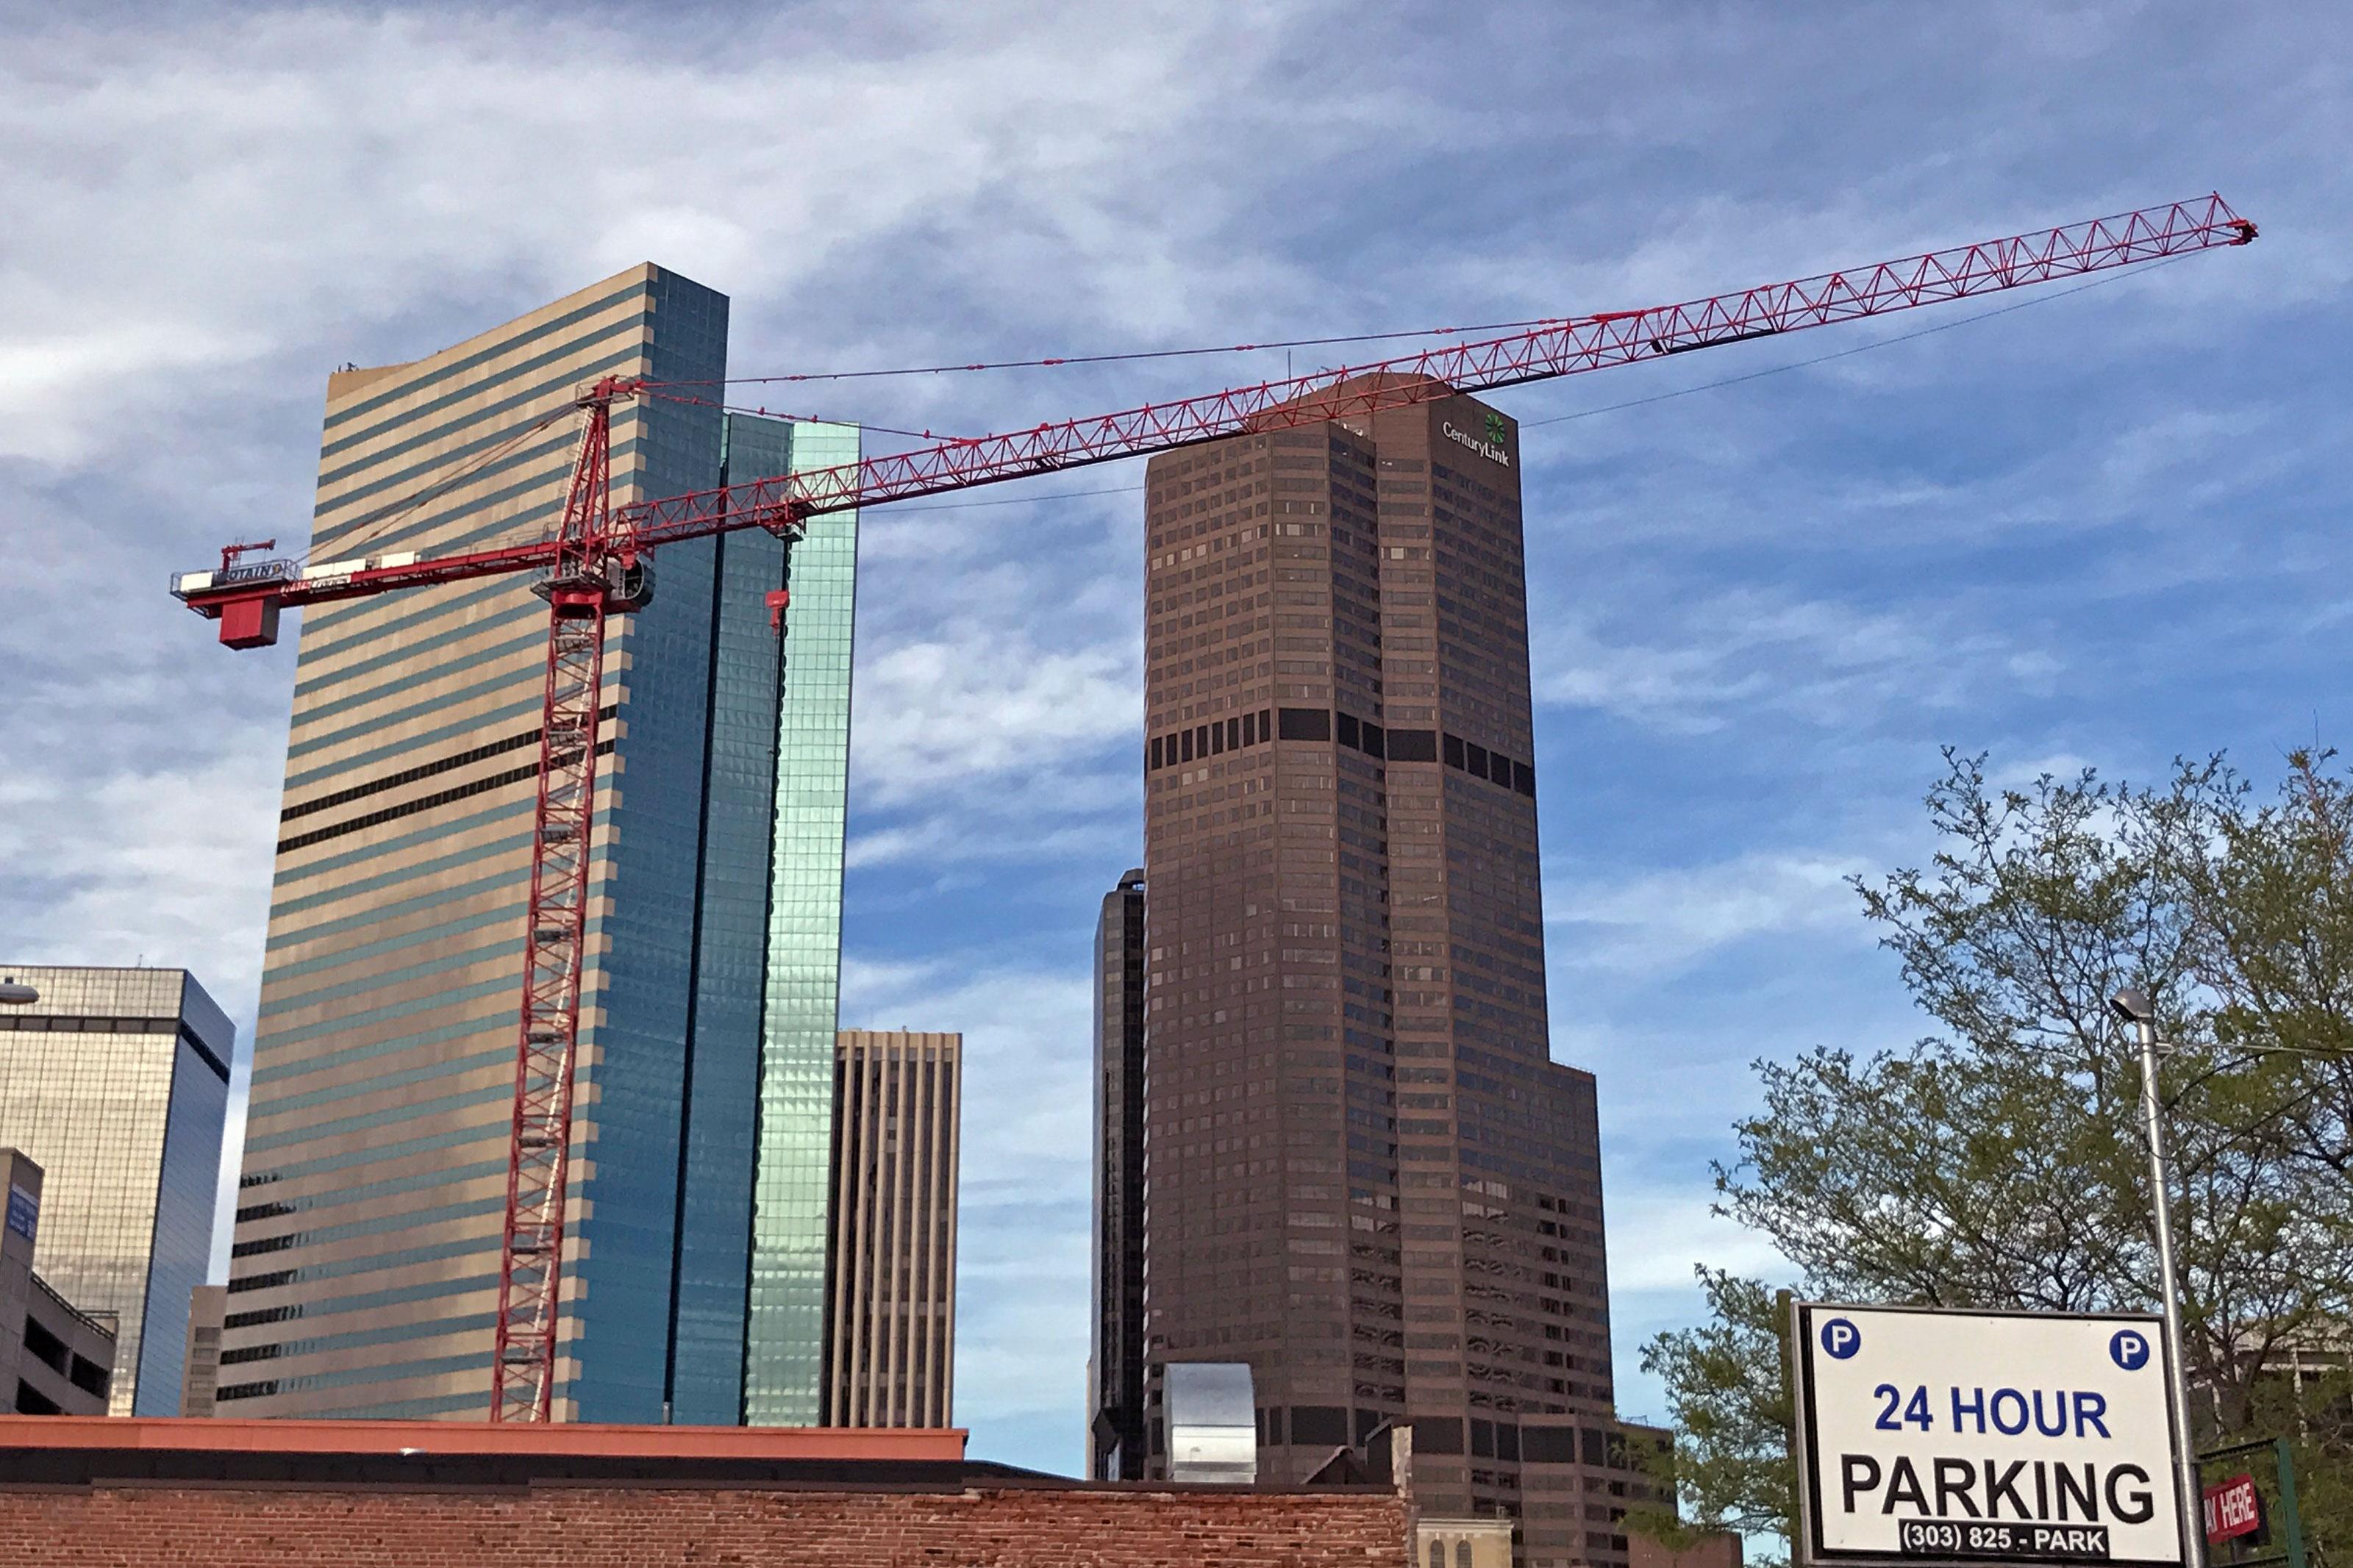 Photo: Crane Story Aaron's Crane